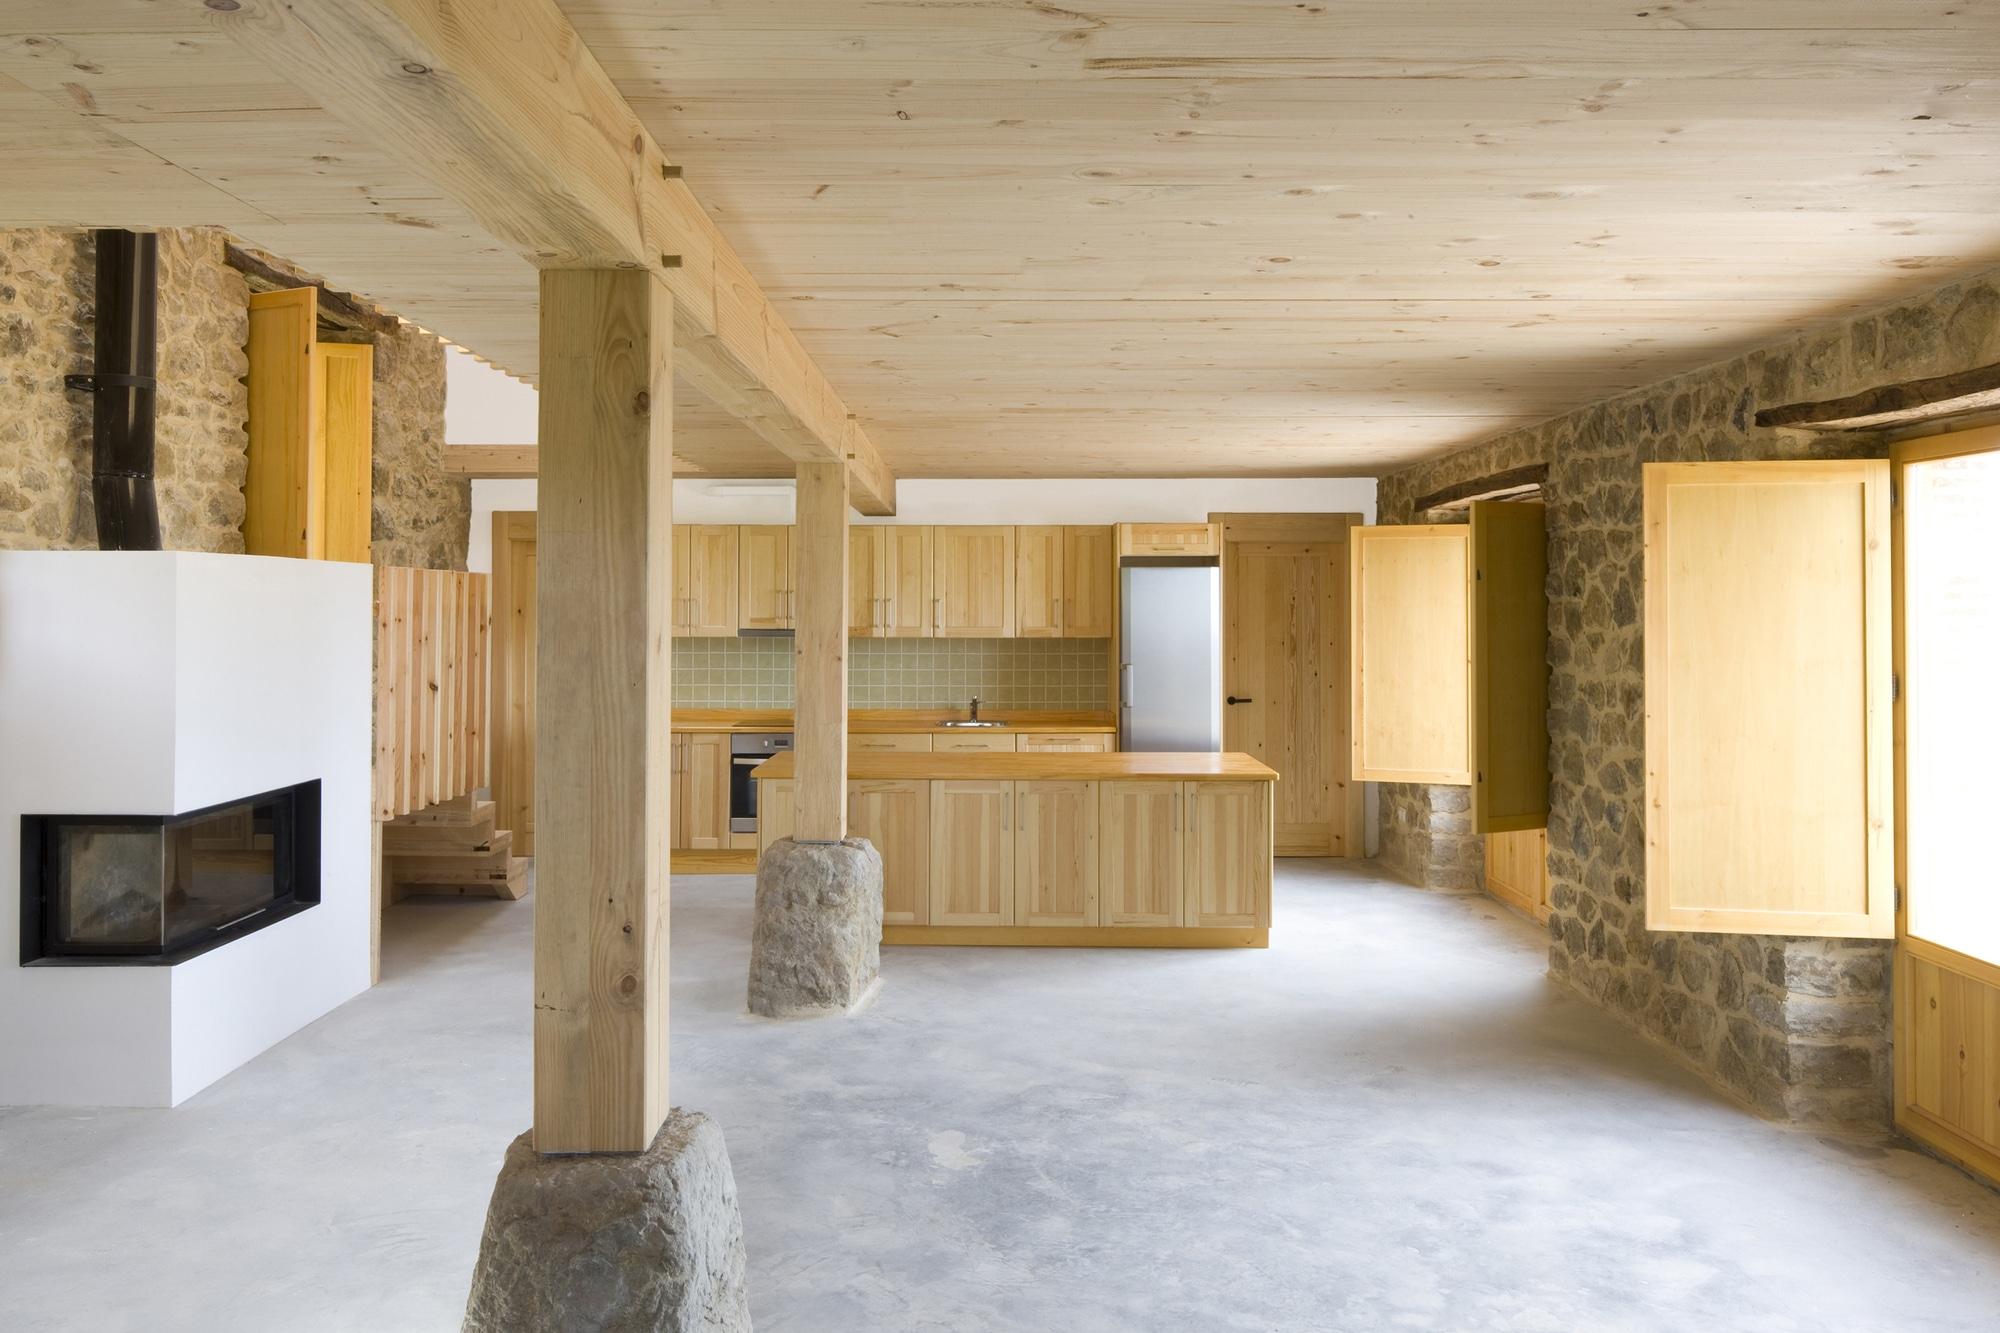 Dise o de casa r stica de piedra planos for Interior de la casa de madera moderna